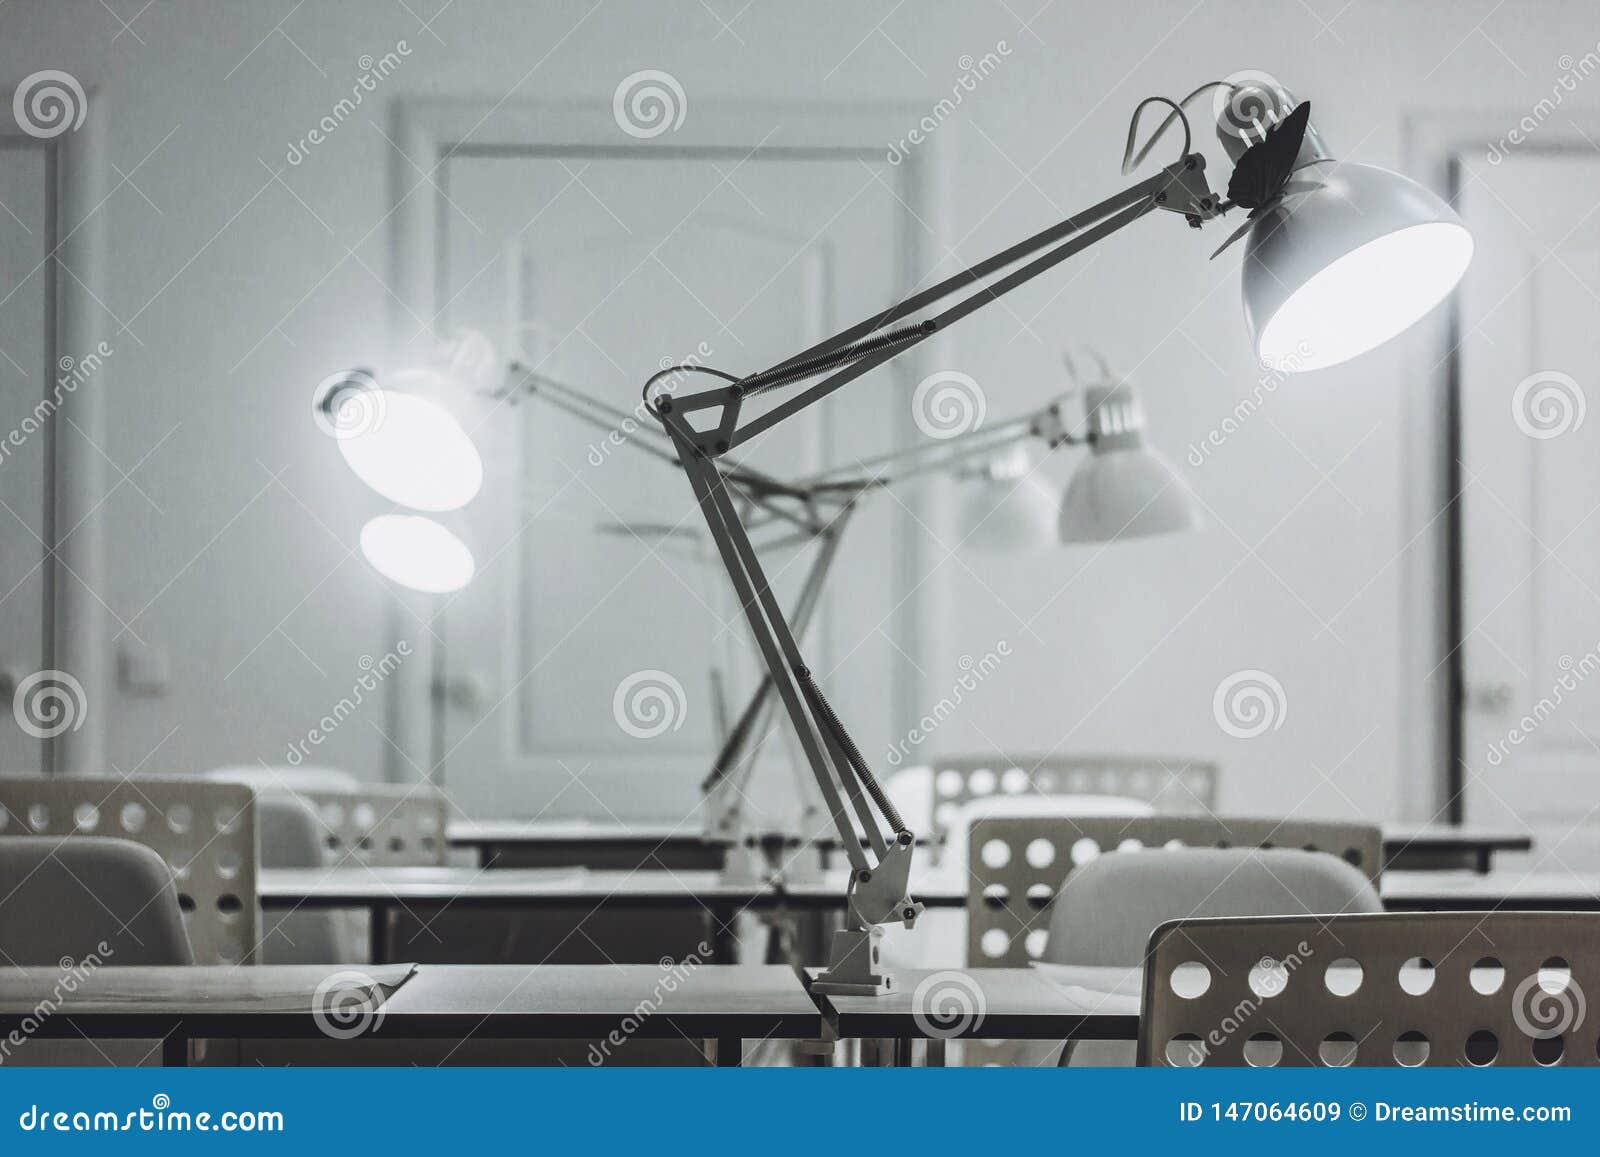 Diversas lâmpadas de mesa brancas, escritório, lâmpadas de mesa do escritório